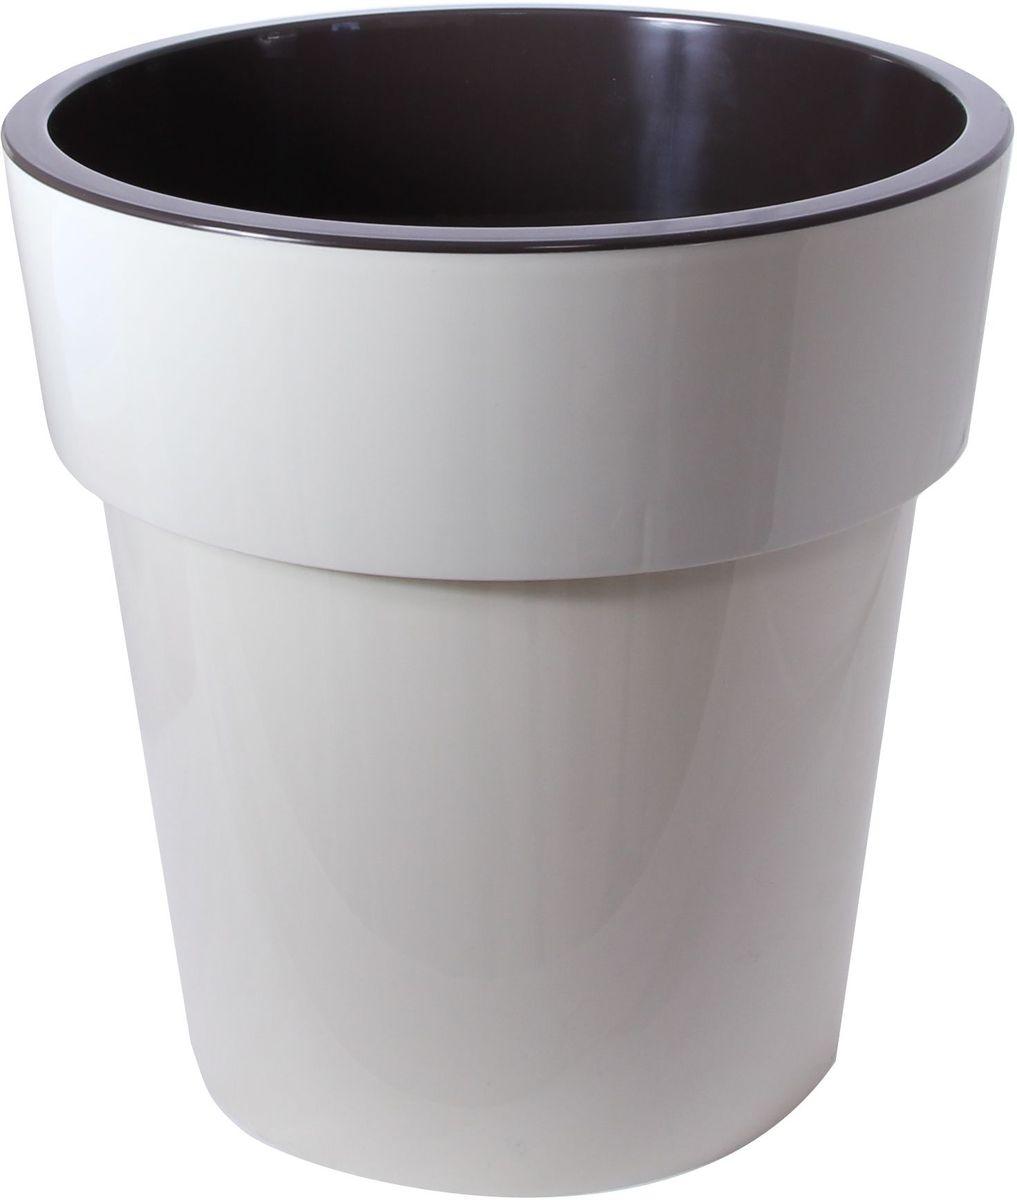 Кашпо Idea Тубус, цвет: белый, диаметр 15 см531-402Кашпо Idea Тубус изготовлено из прочного пластика. Изделие прекрасно подходит для выращивания растений и цветов в домашних условиях. Стильный современный дизайн органично впишется в интерьер помещения.Диаметр кашпо: 15 см. Высота кашпо: 15 см.